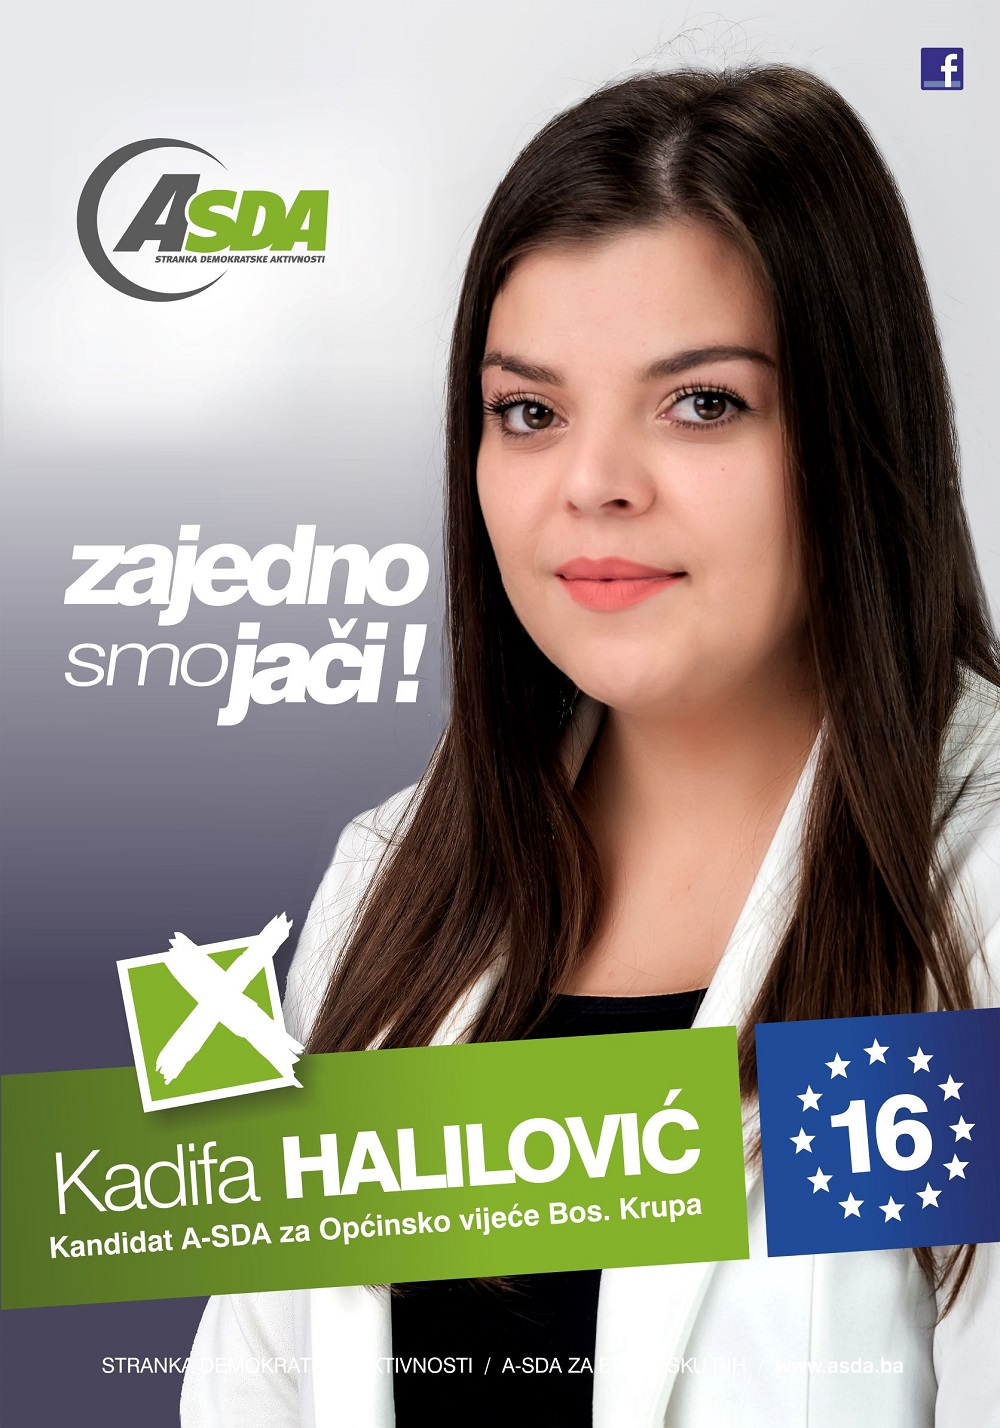 Kadifa Halilović